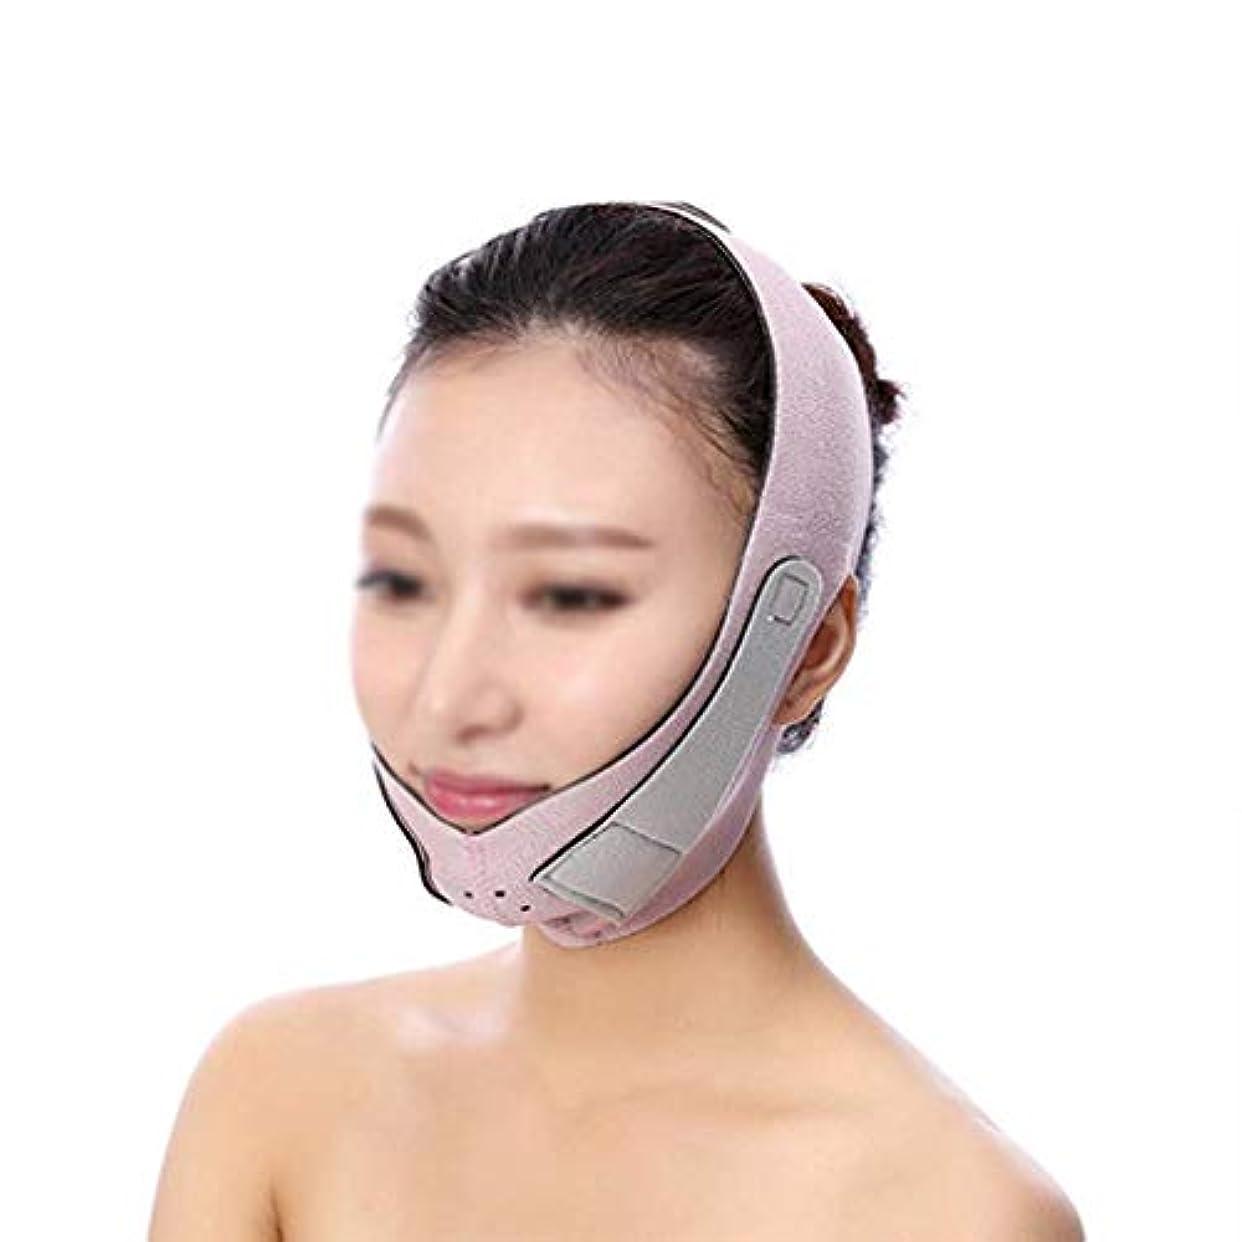 珍味リットル持つ薄型フェイスマスク、フェイスリフティングに最適、フェイスバンドを持ち上げてスキン包帯を引き締める、チークチンリフティング、スキン包帯を引き締める(フリーサイズ)(カラー:オレンジ),紫の